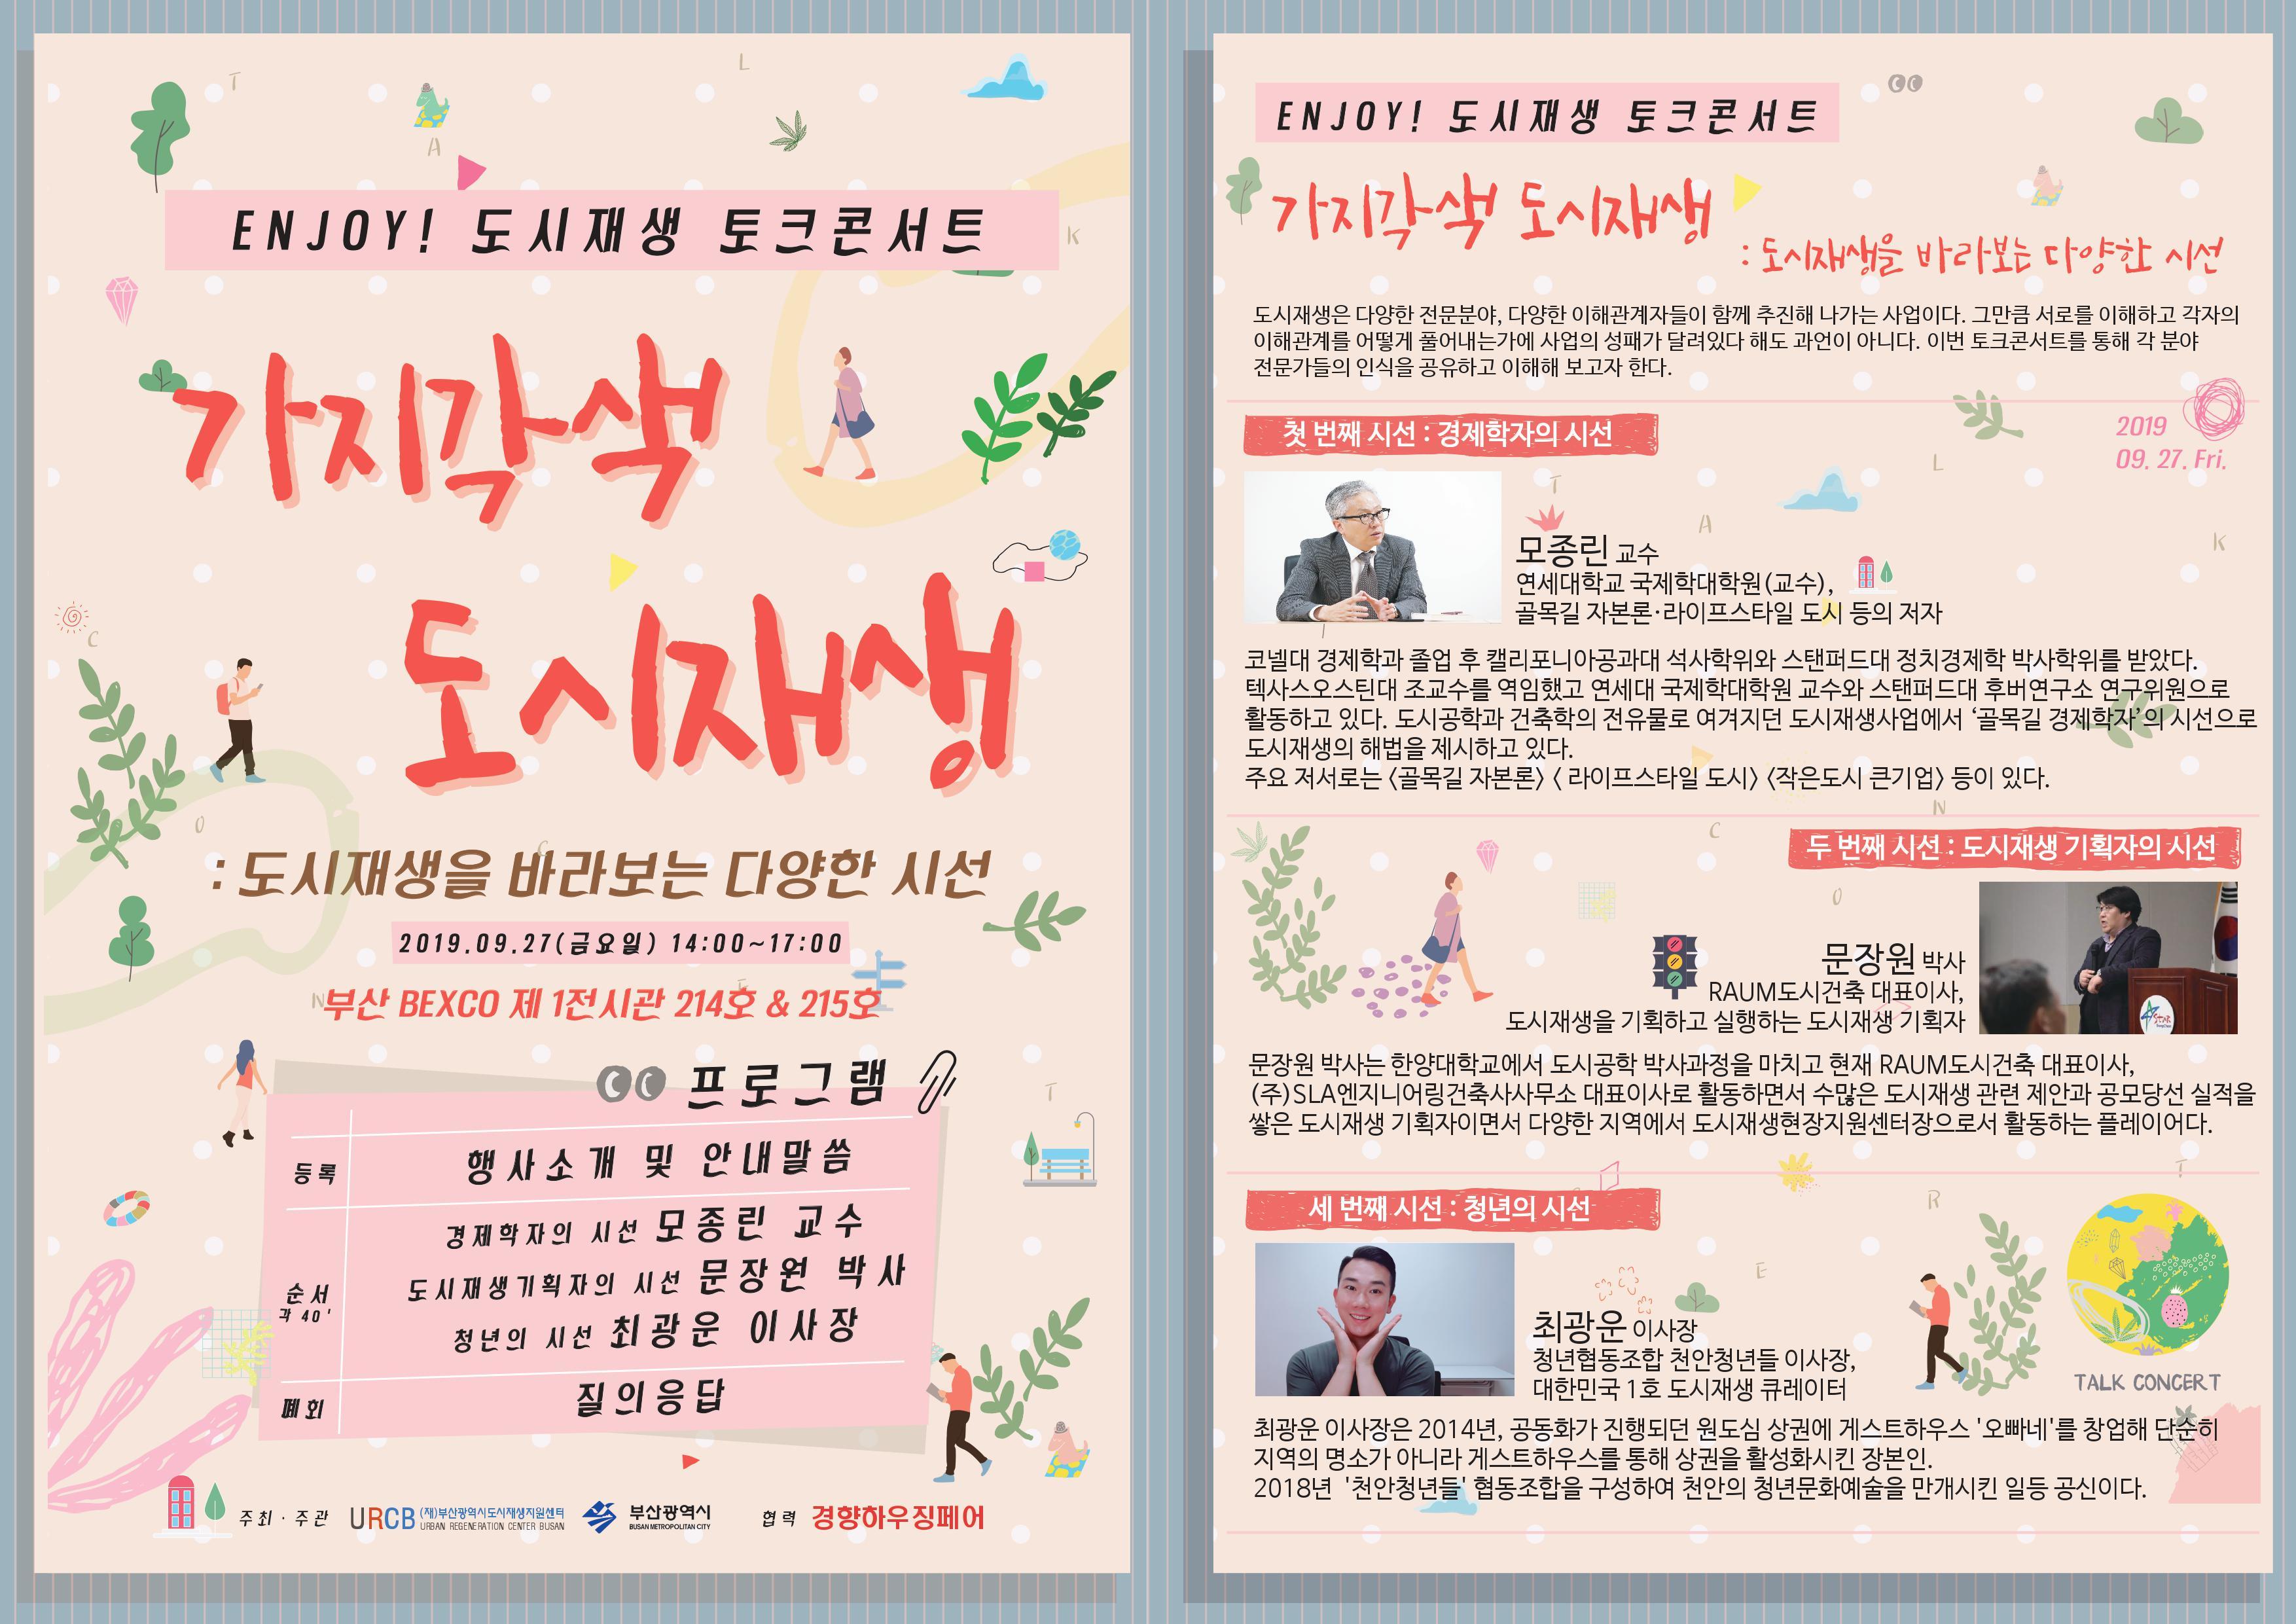 [부산광역시도시재생지원센터] 도시재생 토크콘서트 (가지각색 도시재생) 개최